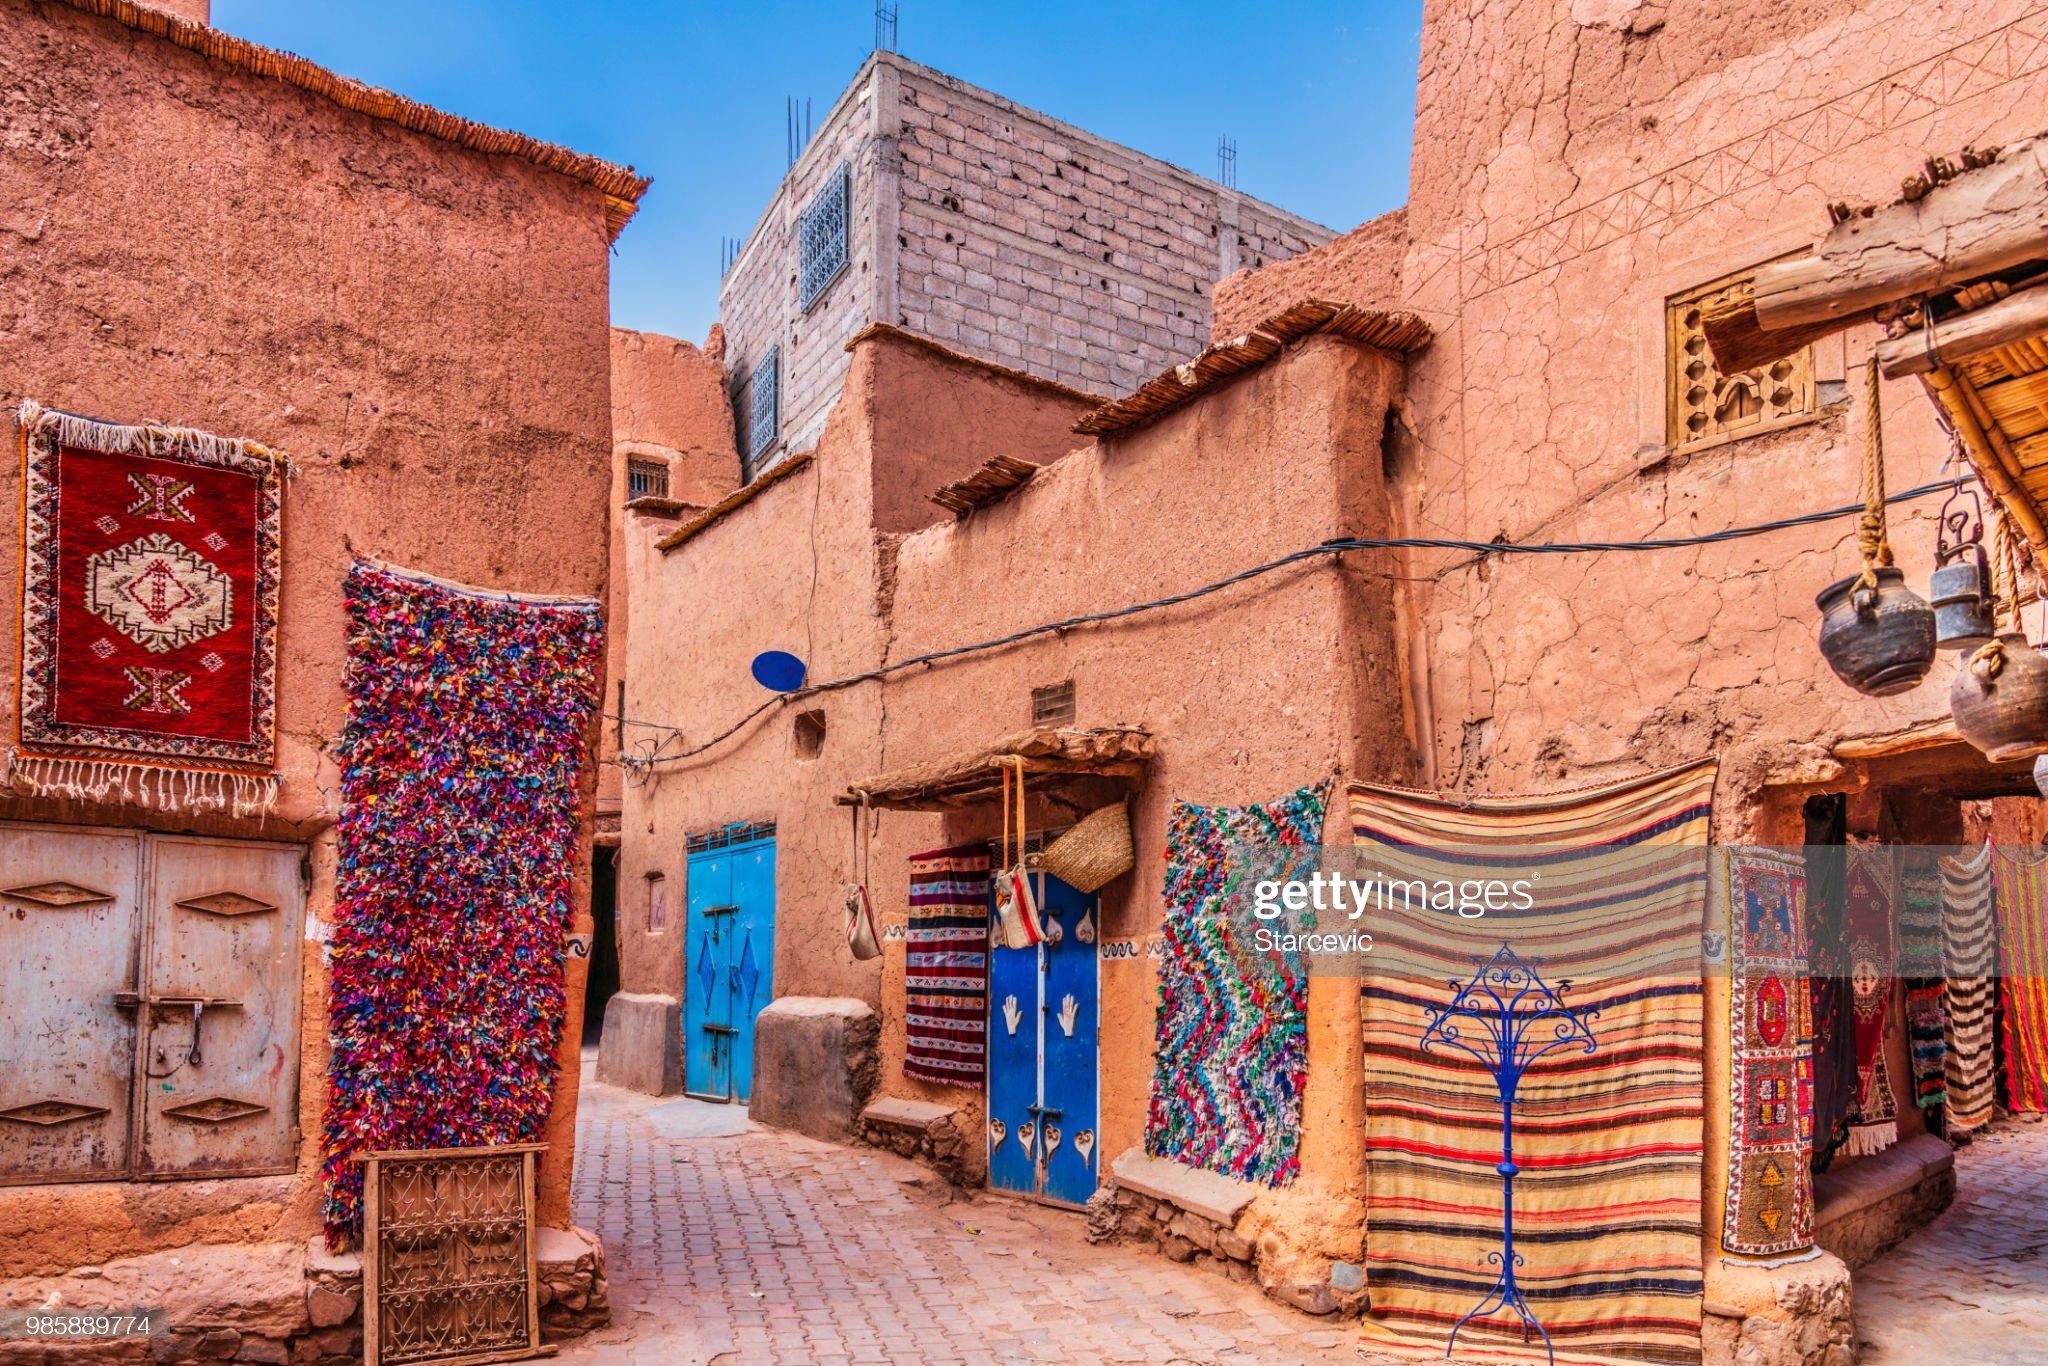 Alfombras hechas a mano y alfombras en Marruecos : Foto de stock